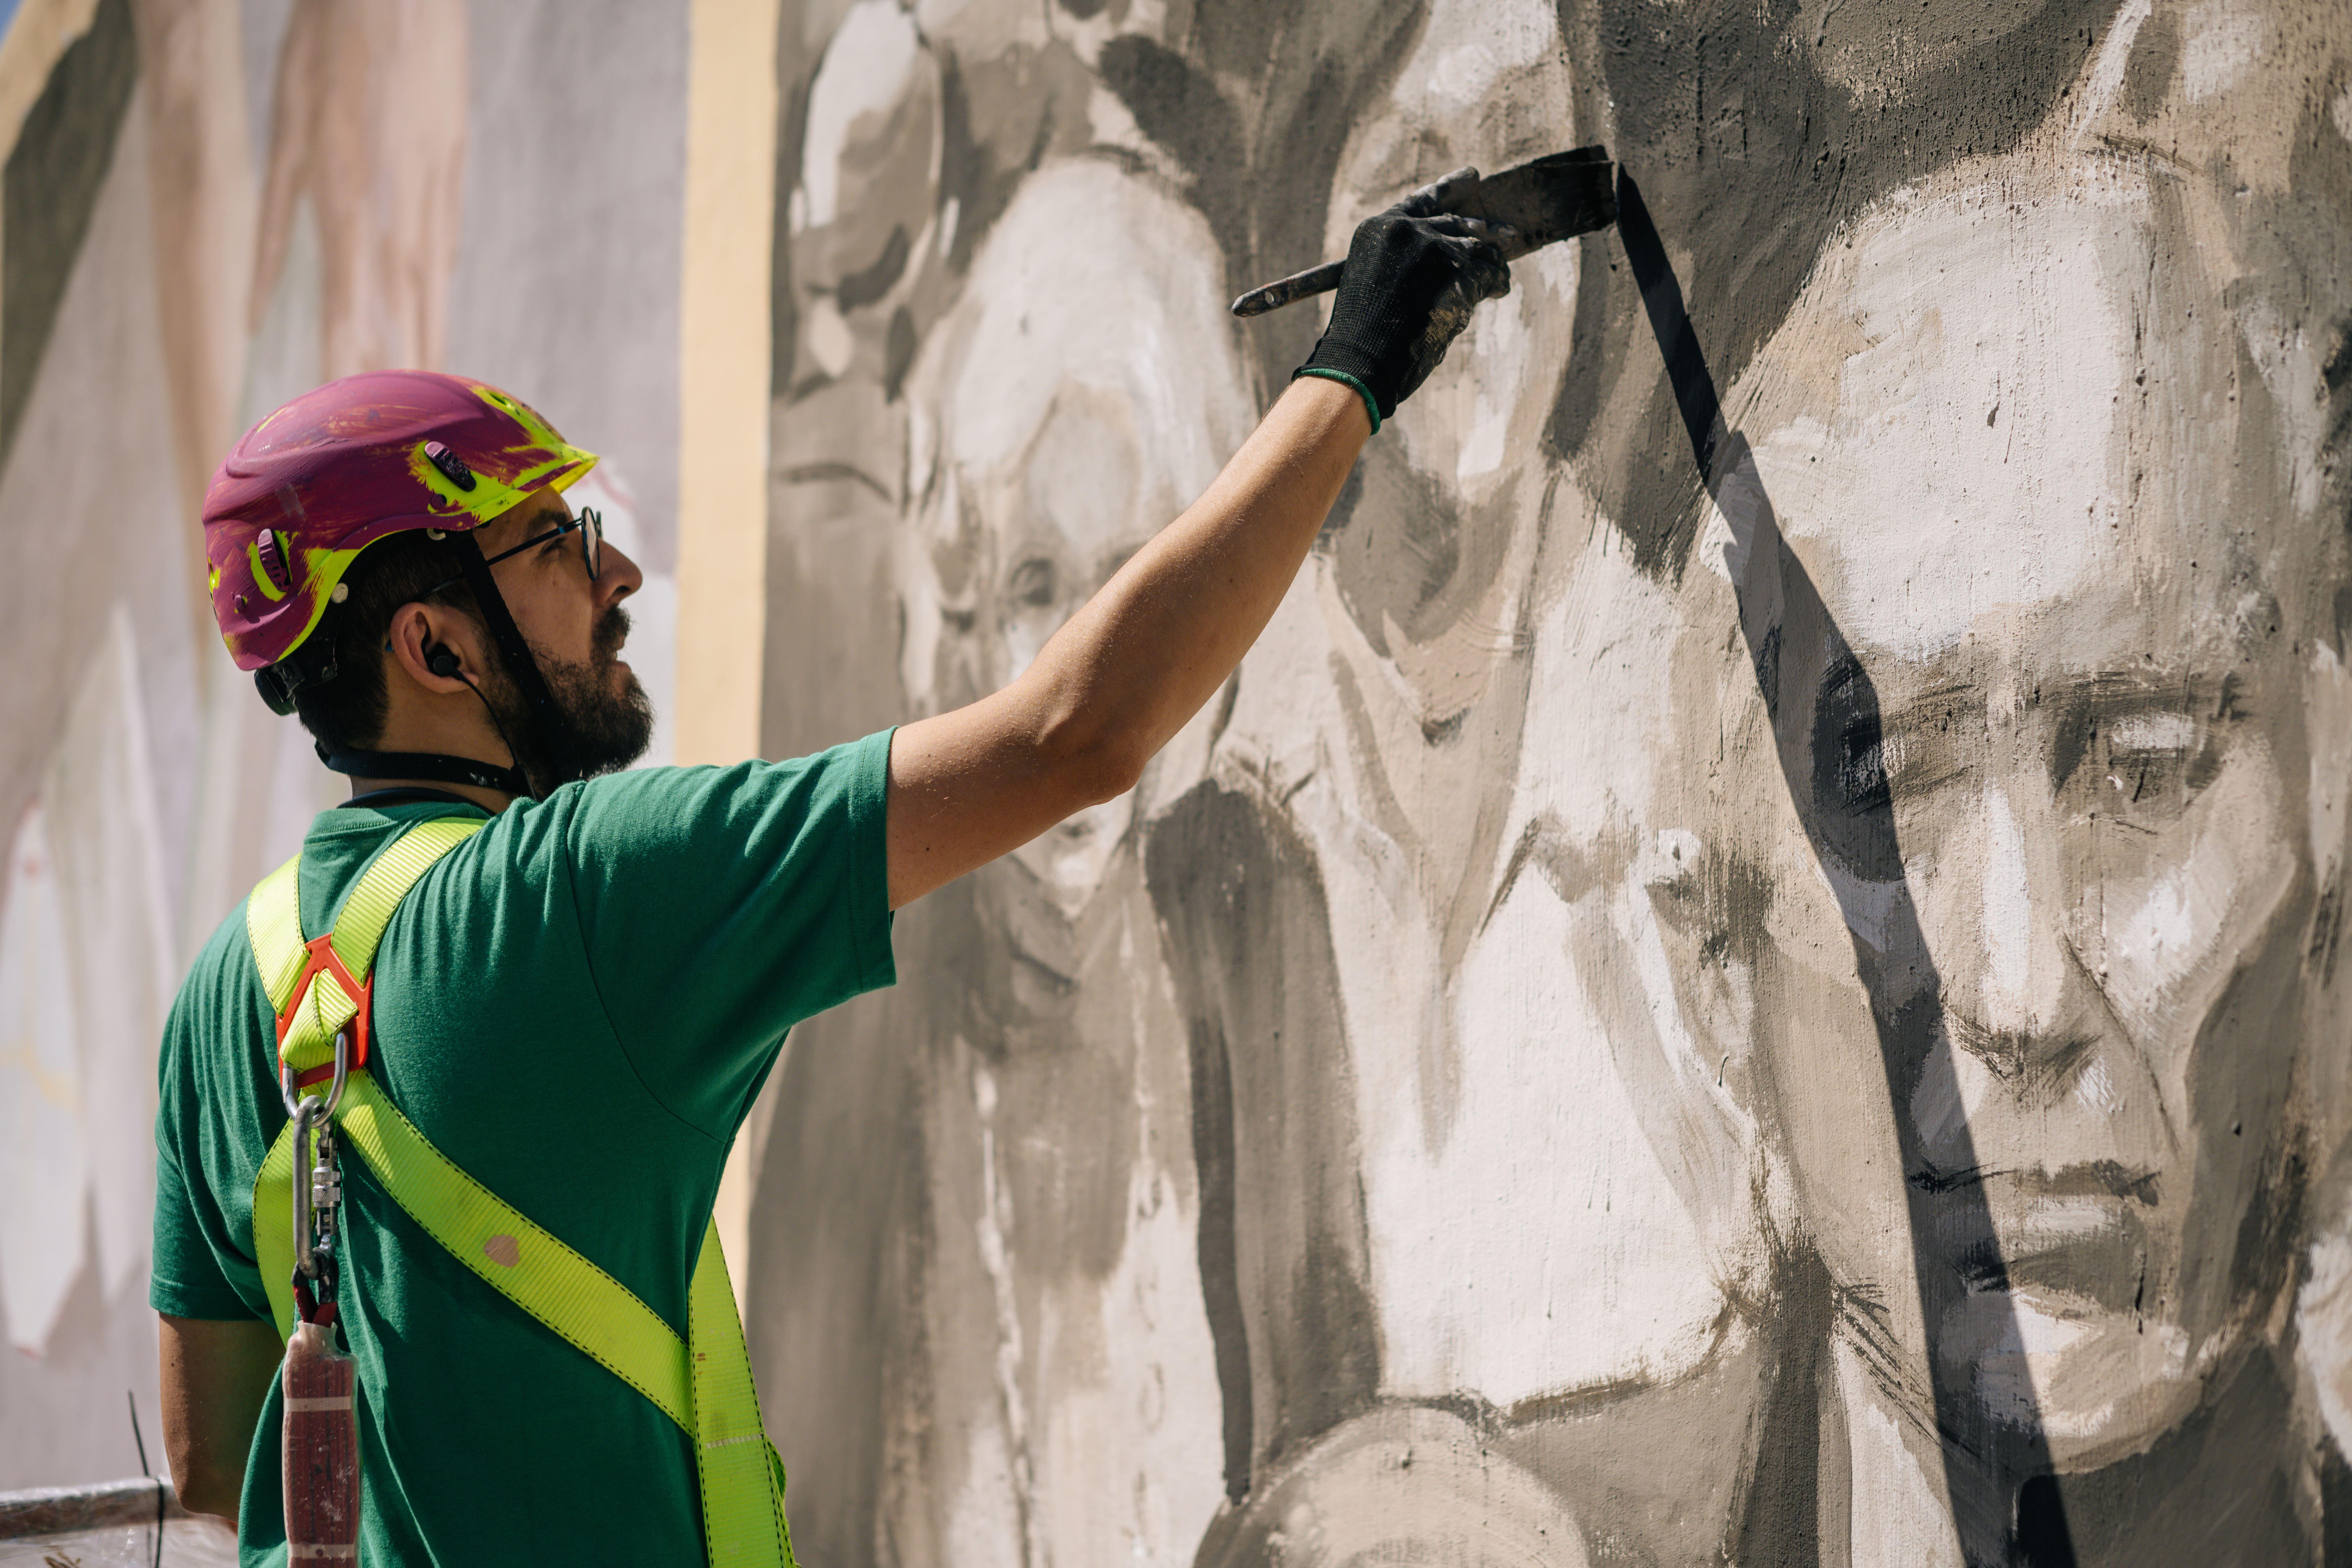 Miquel Wert haciendo detalles en un mural de gran formato